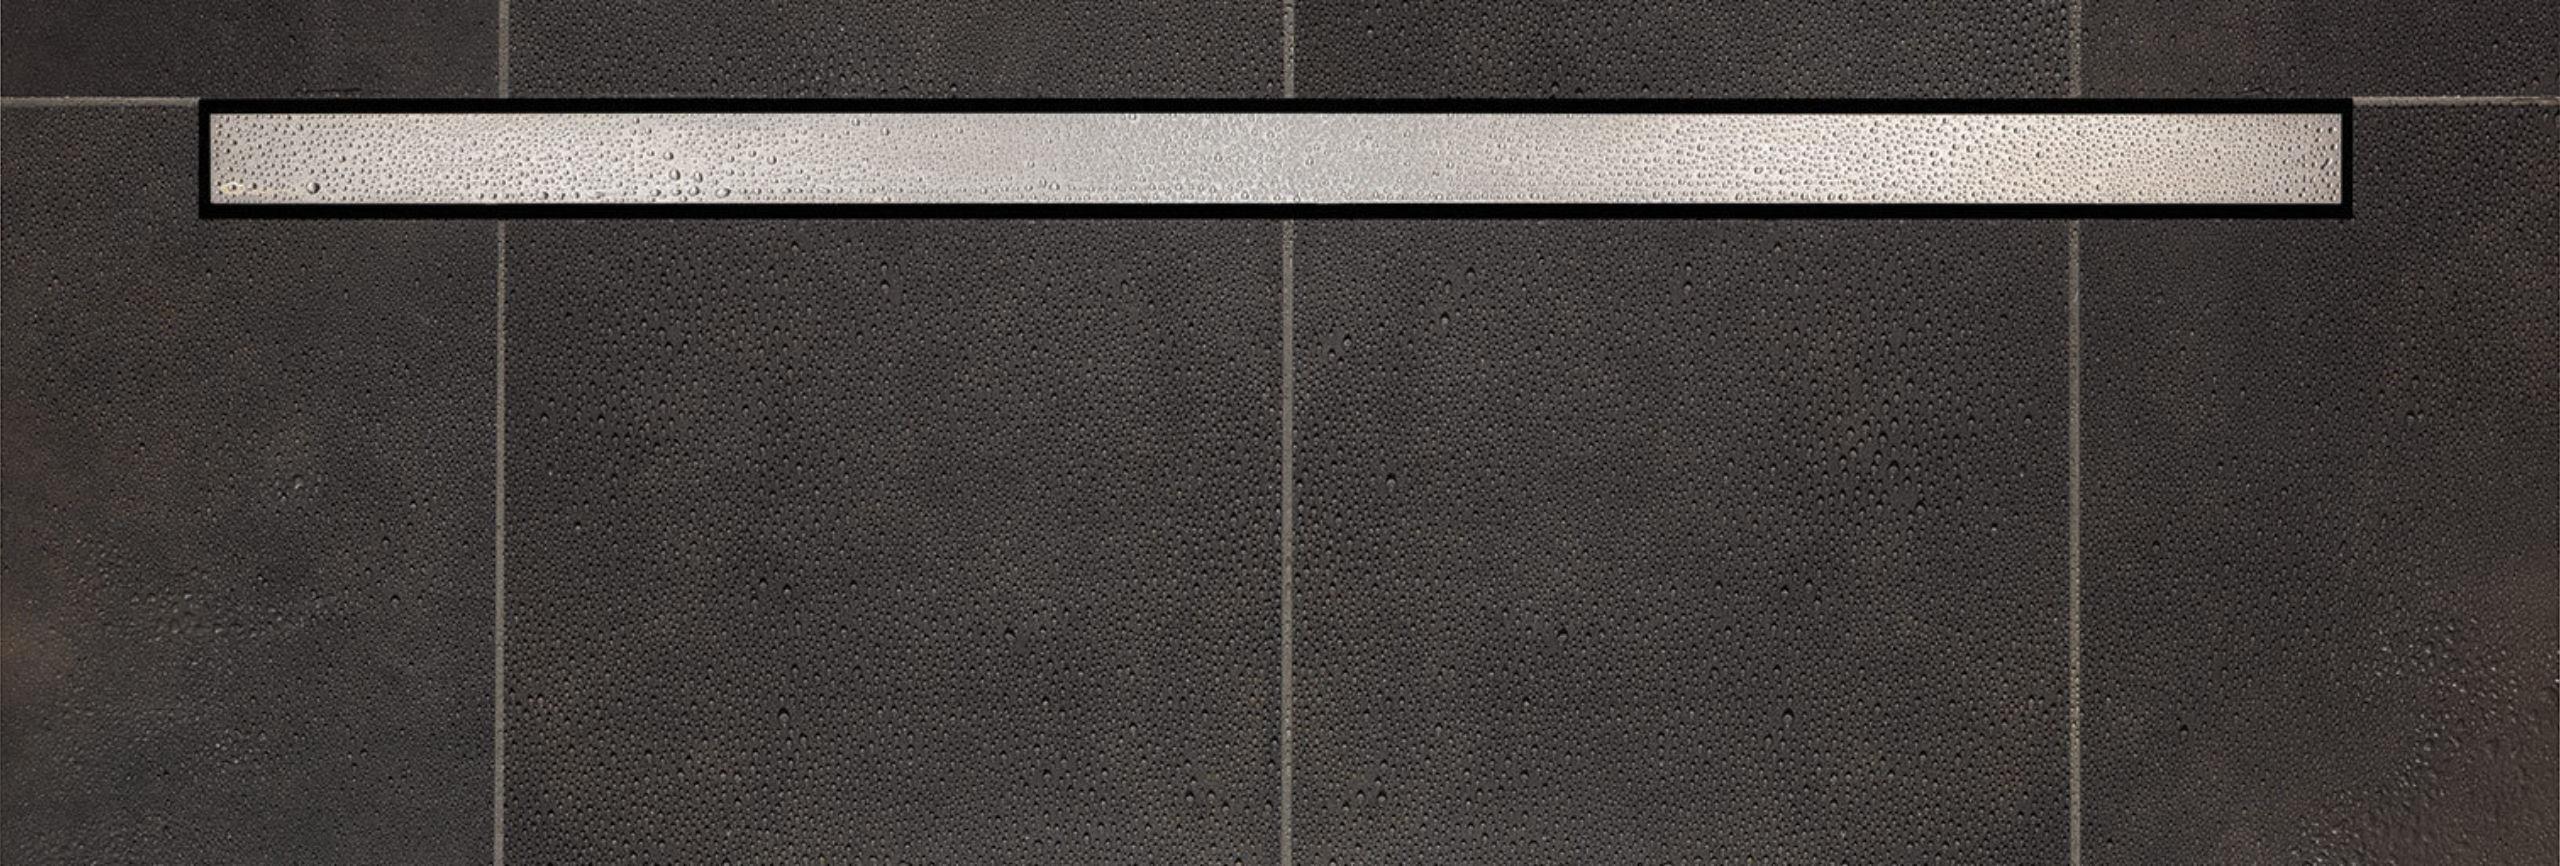 Cera Line Black Tile in